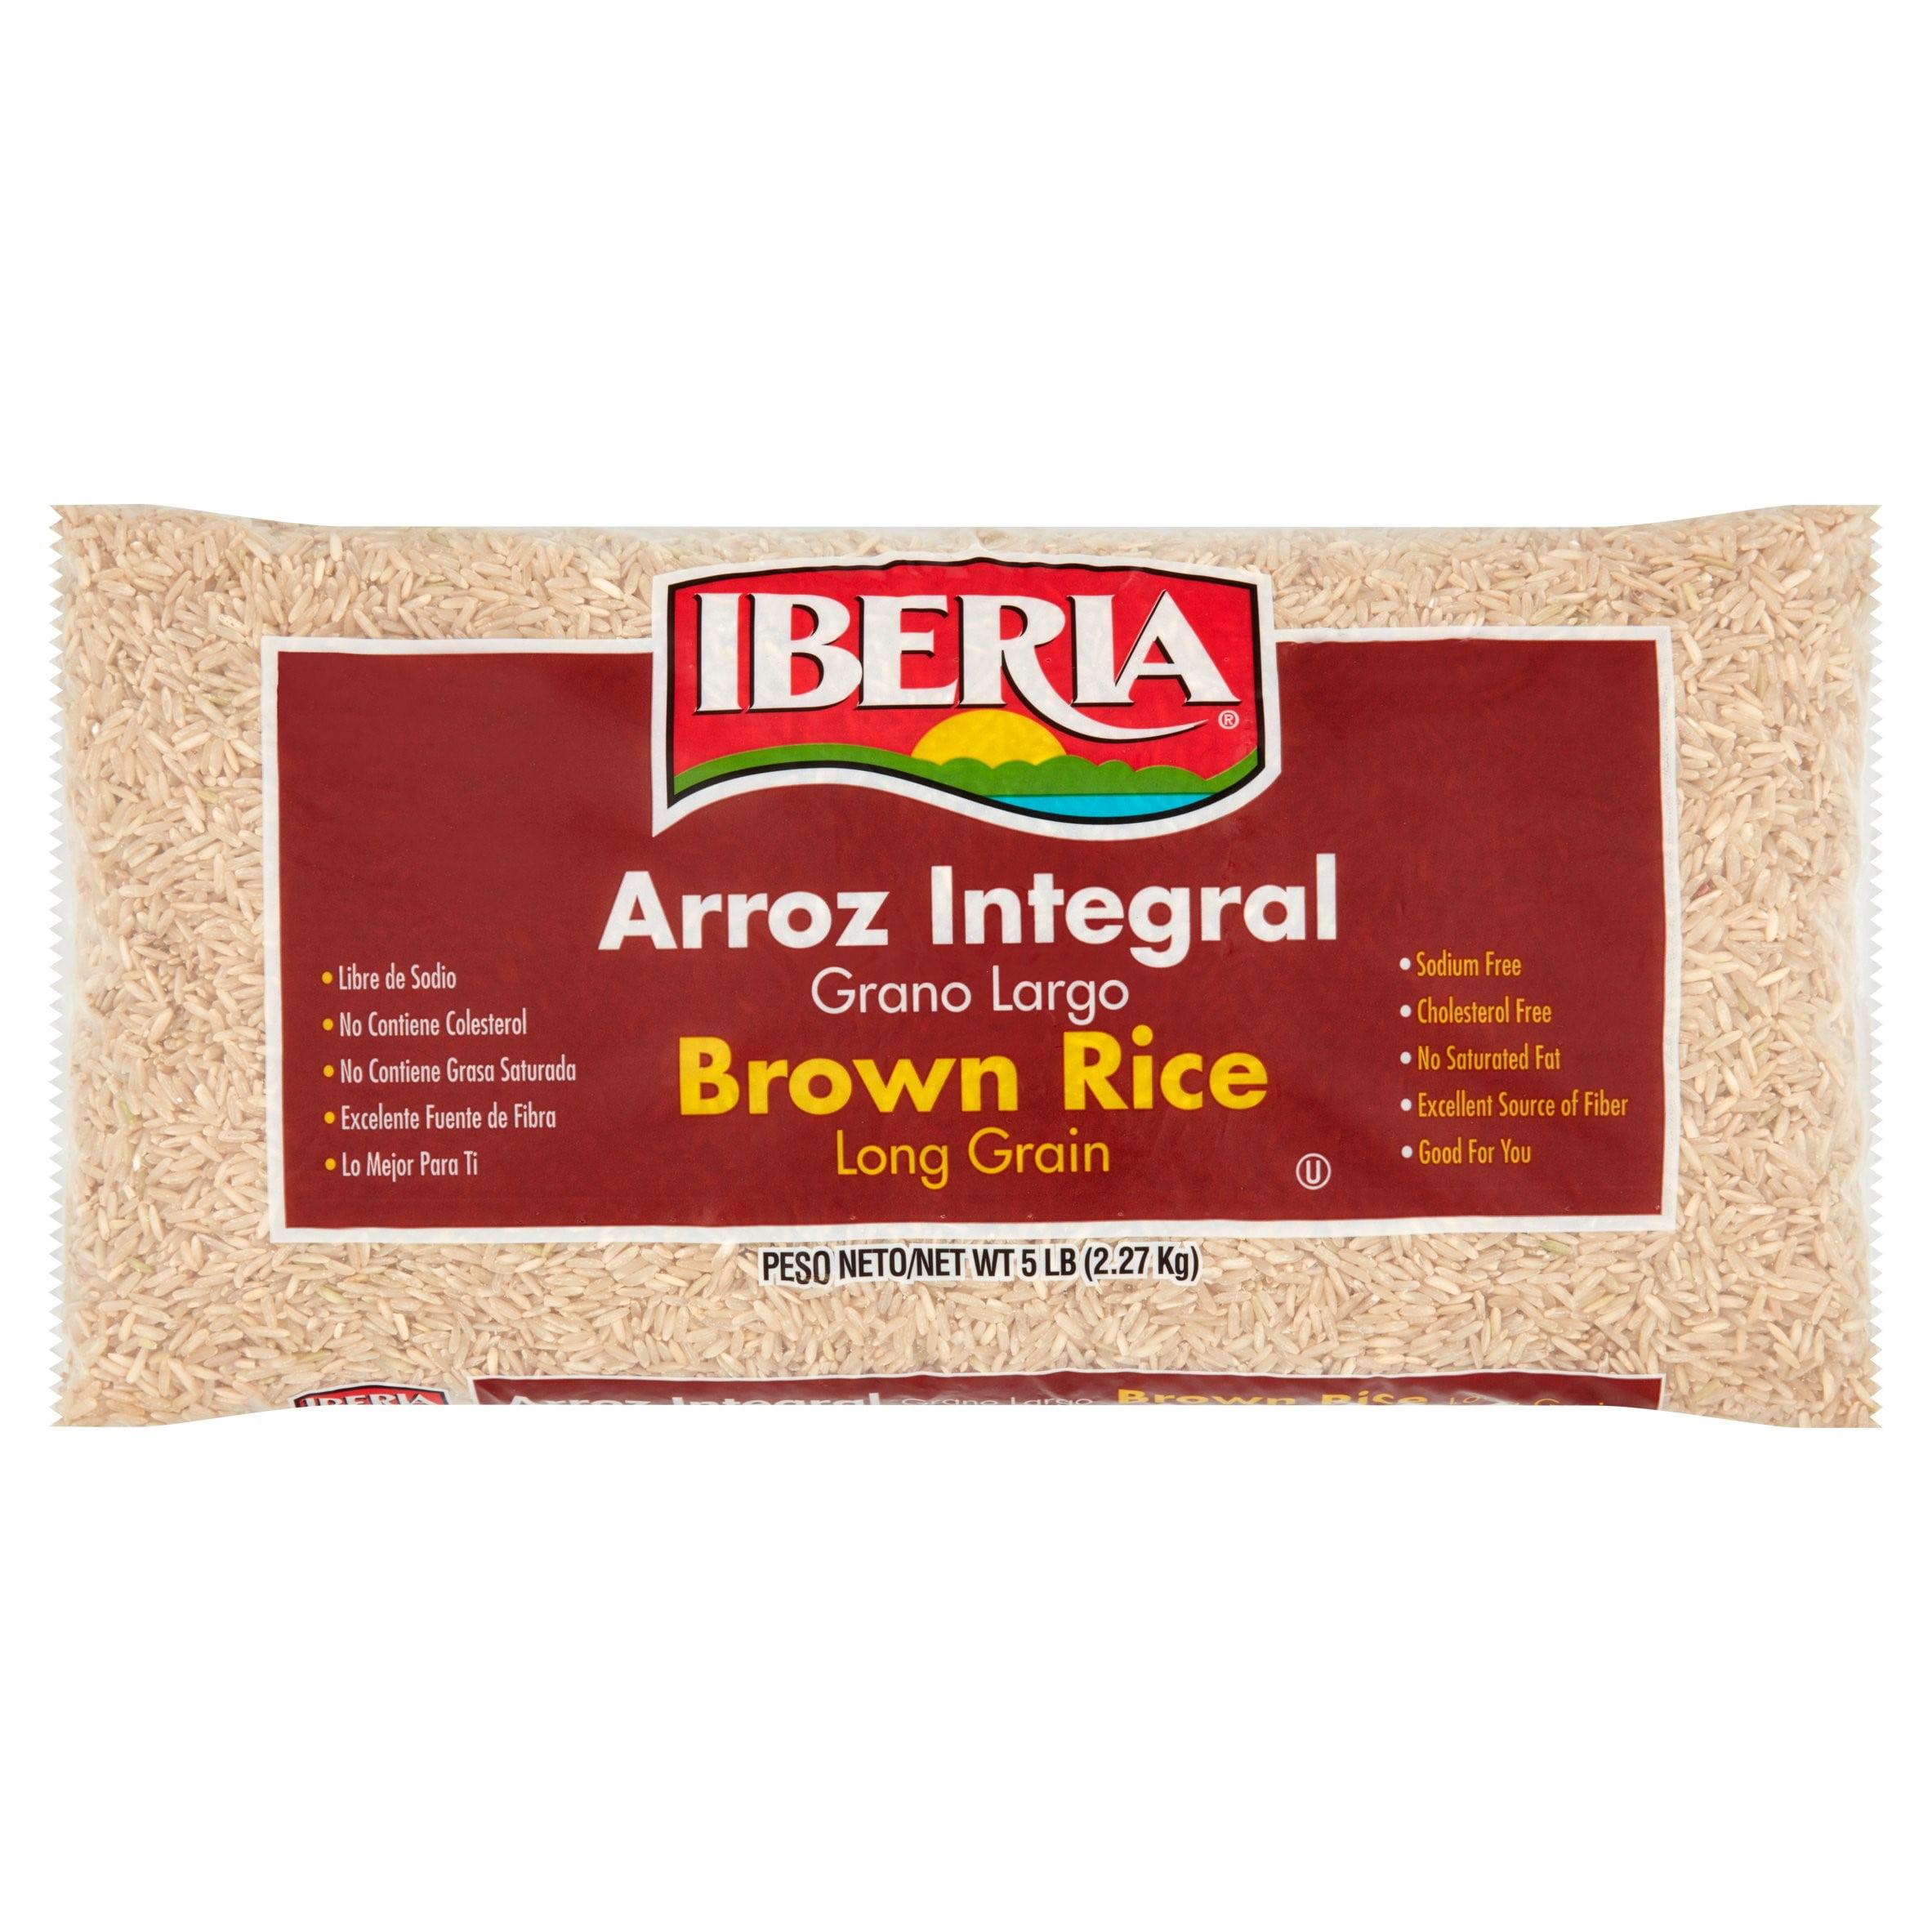 Iberia Long Grain Brown Rice, 5 lb